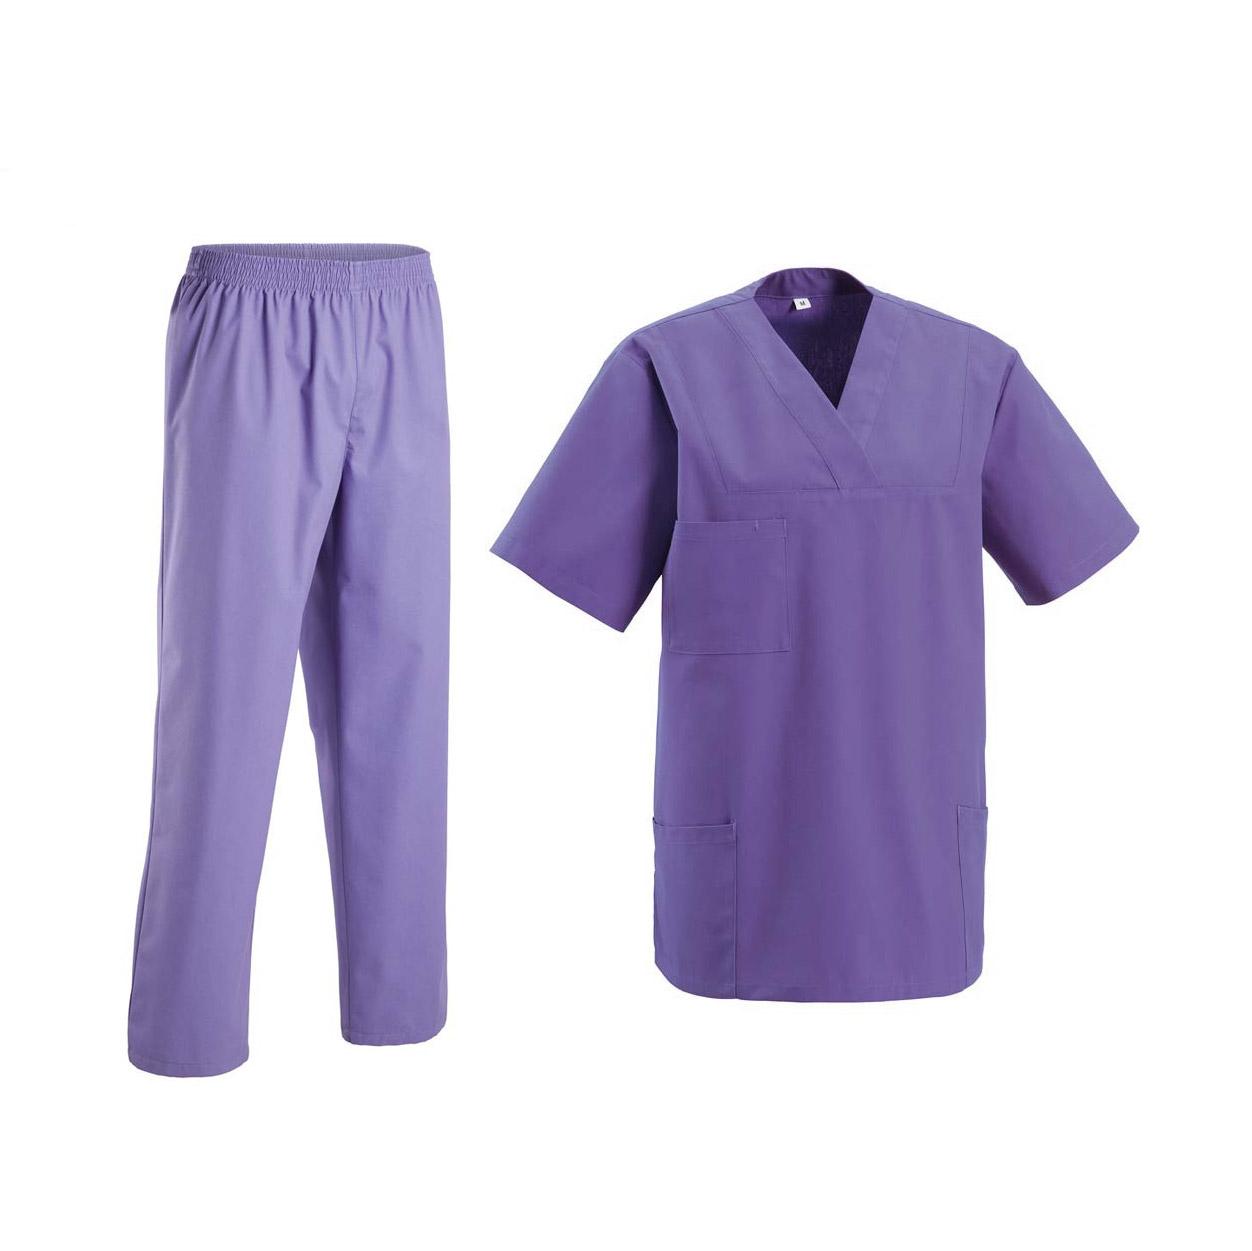 قیمت عمده پارچه ترگال بیمارستانی